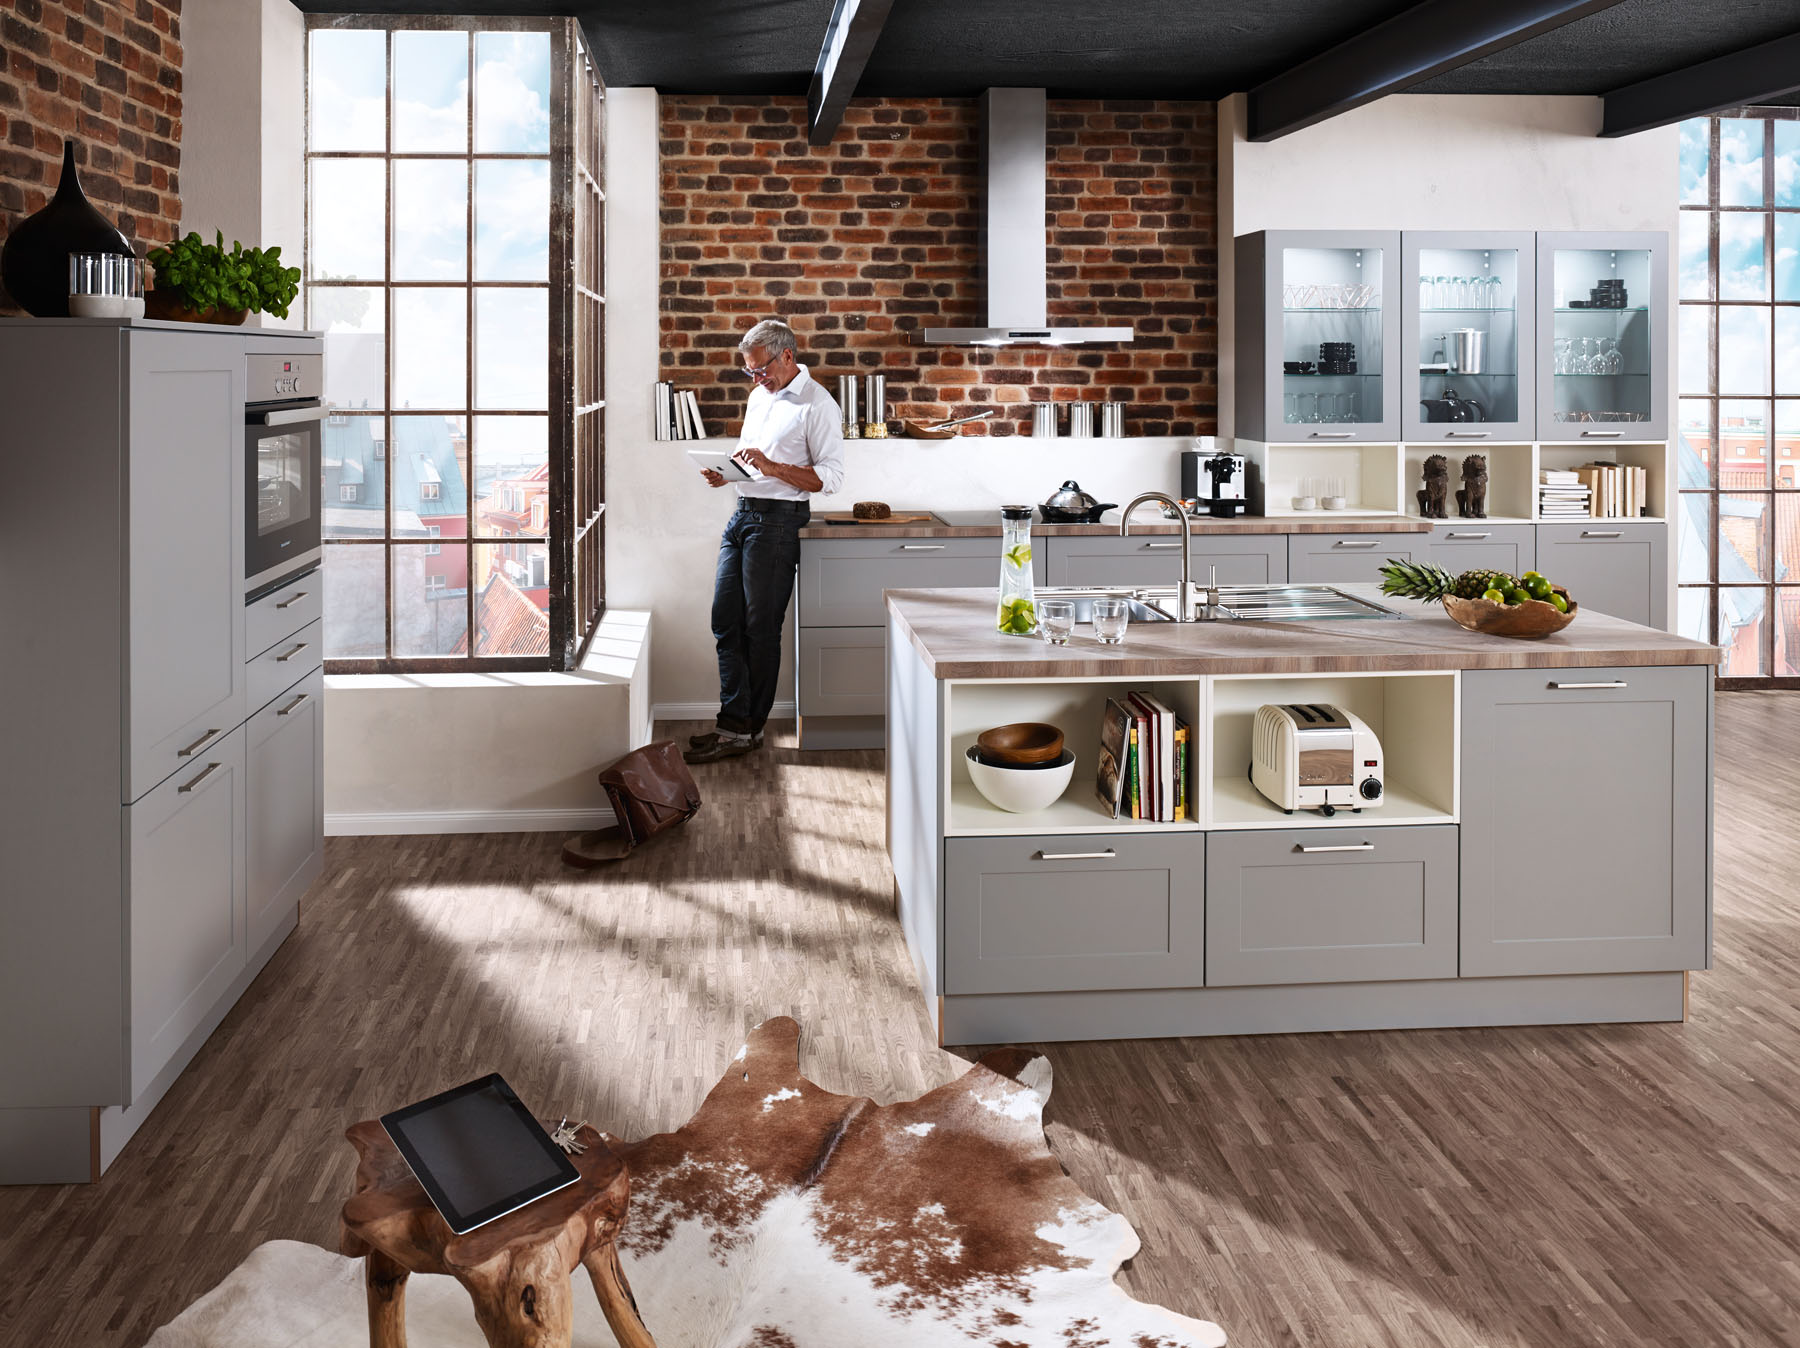 De keuken hier wordt geleefd hoppe keukens in leer duitsland